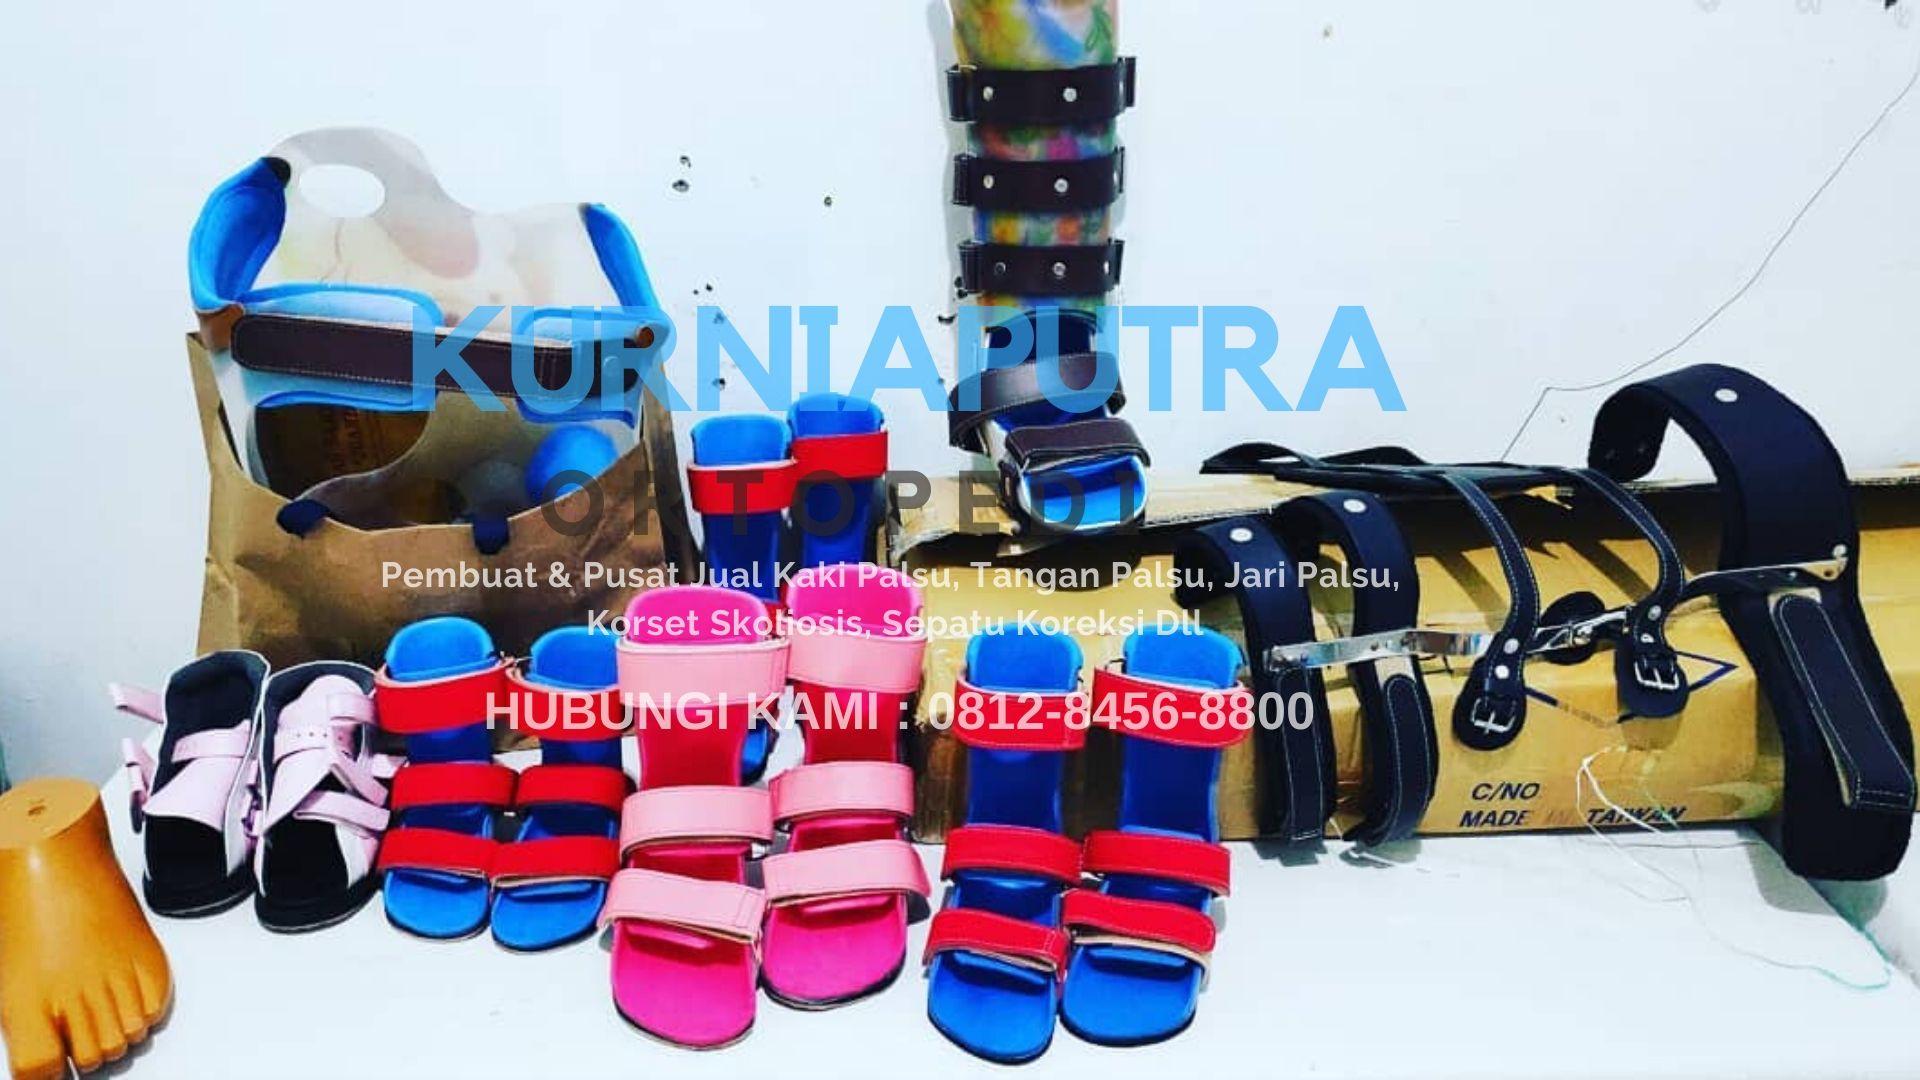 Jual Sepatu Koreksi di Jakarta Selatan